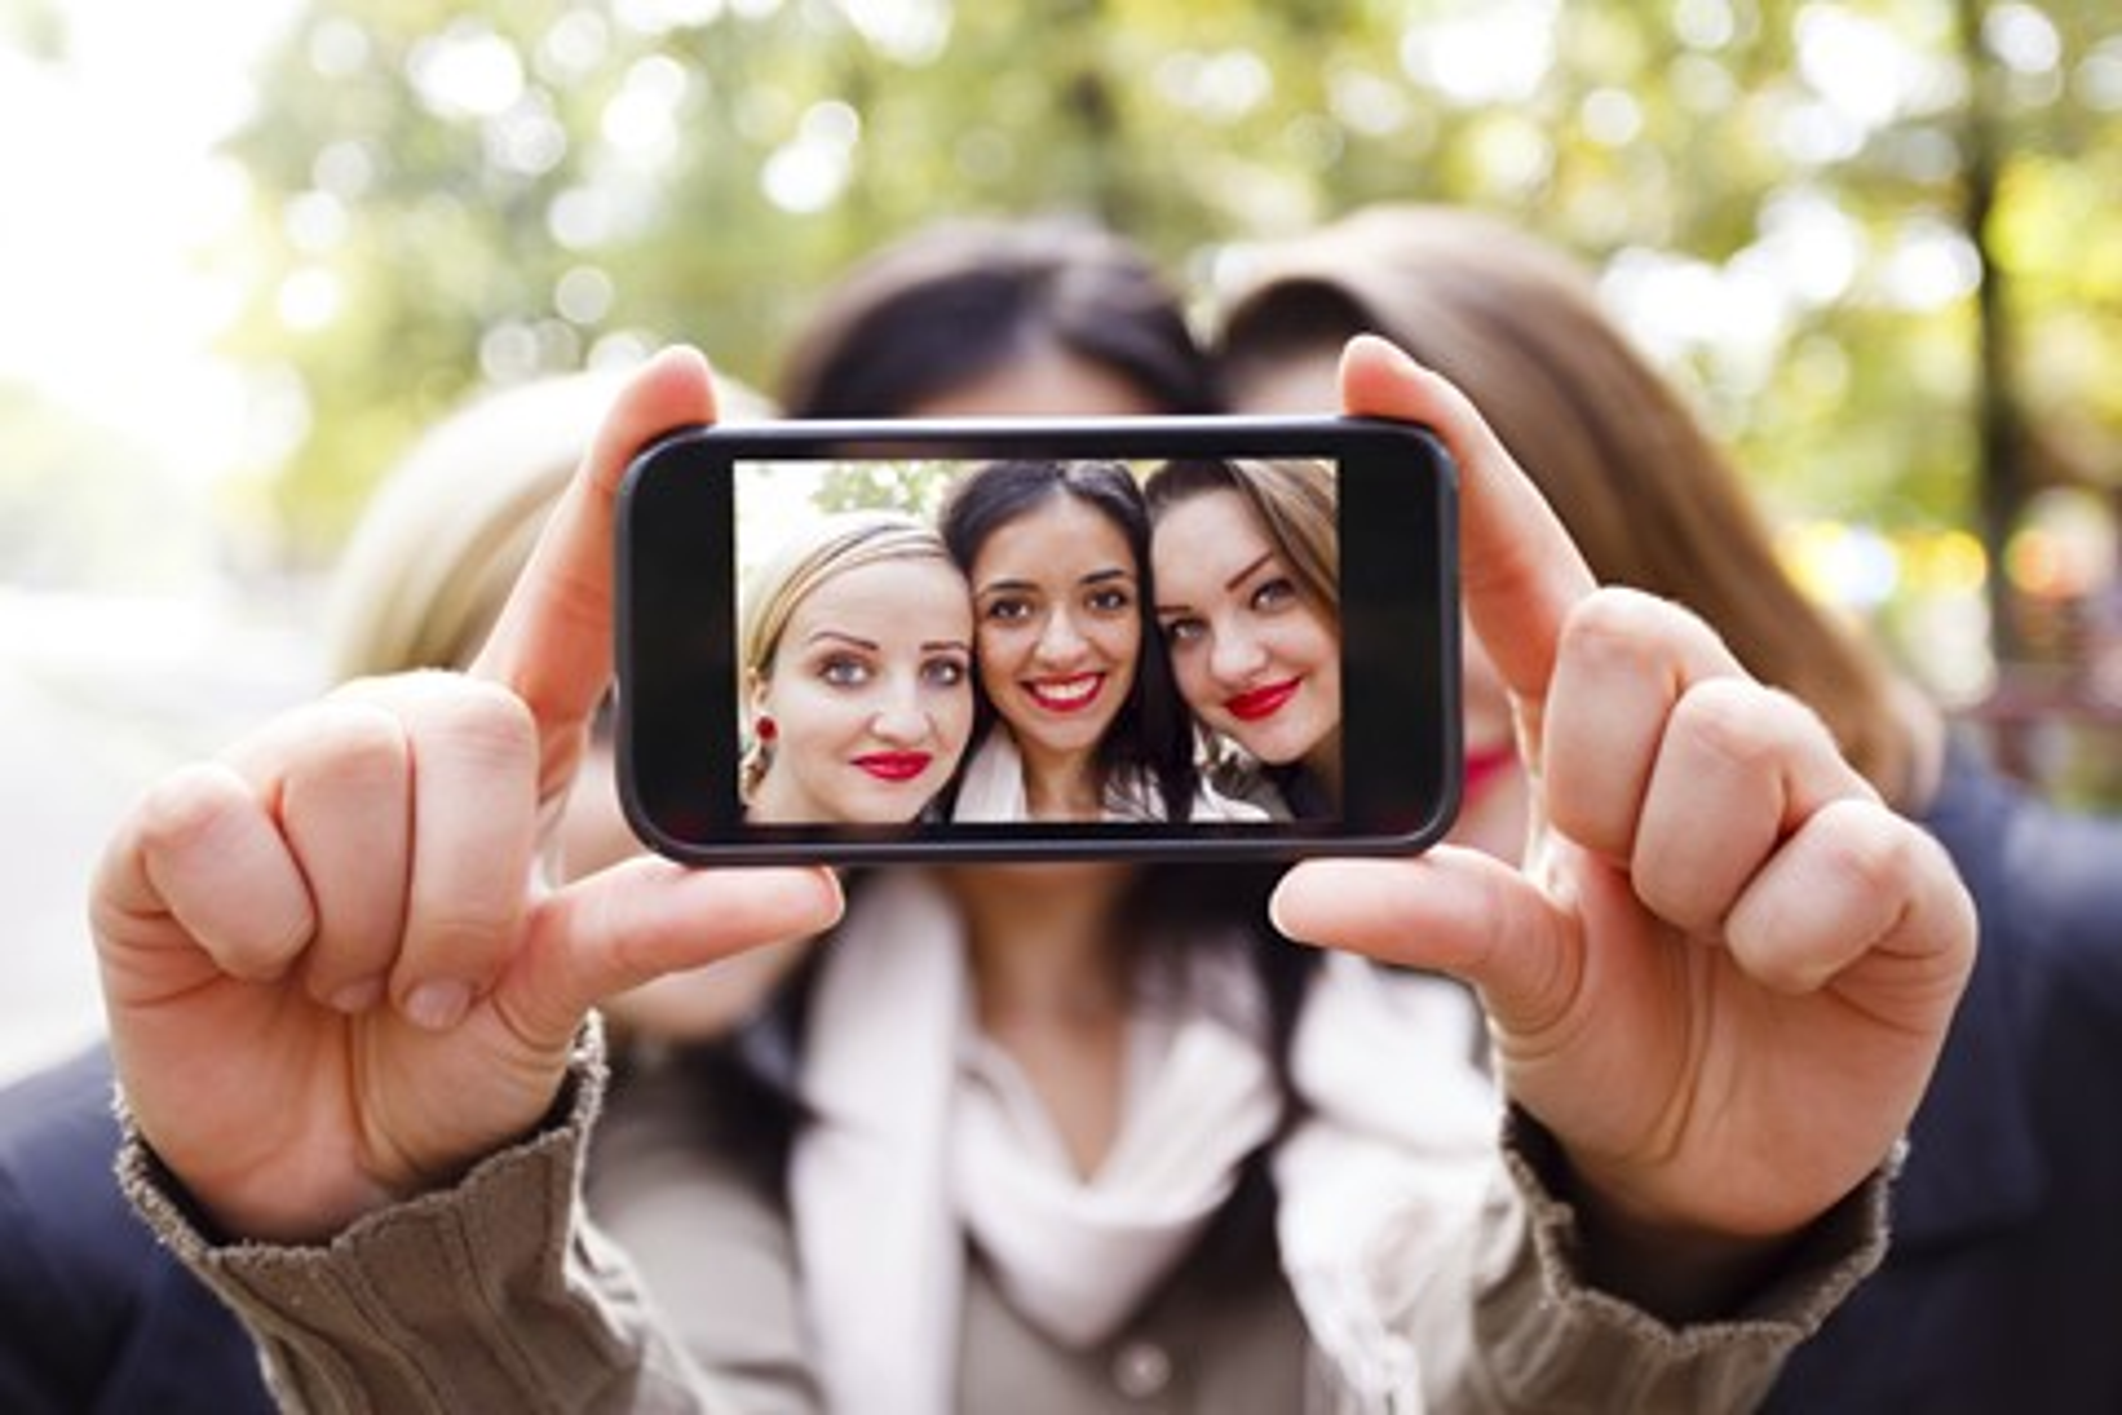 Imagem de Discretamente, Samsung insere filtro que edita selfies sem usuário saber no tecmundo